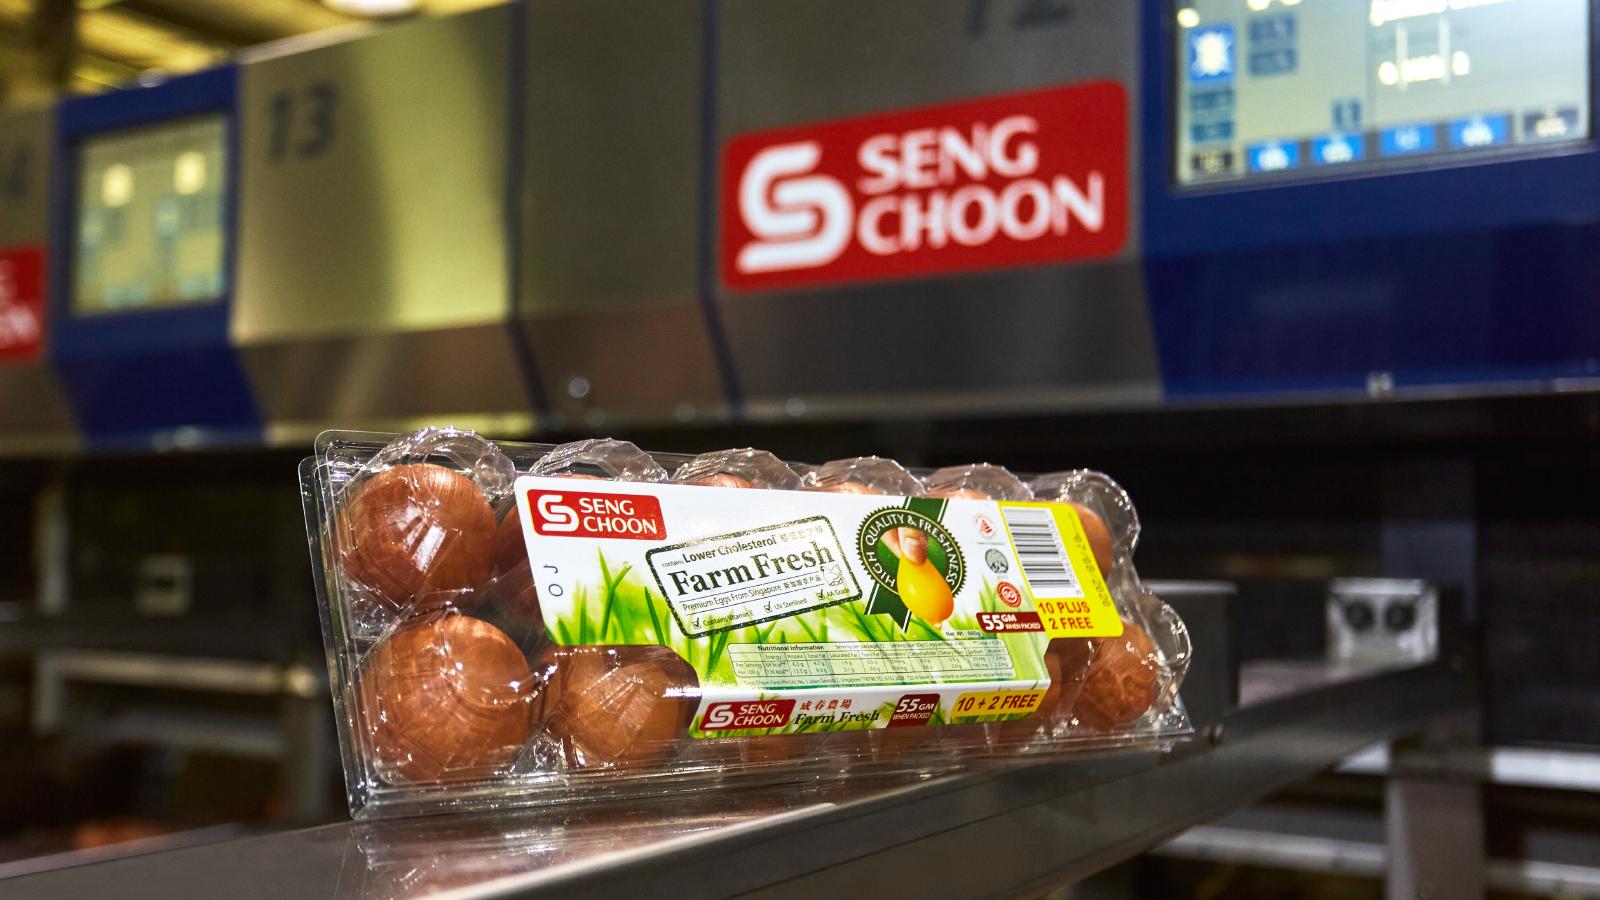 Seng Choon